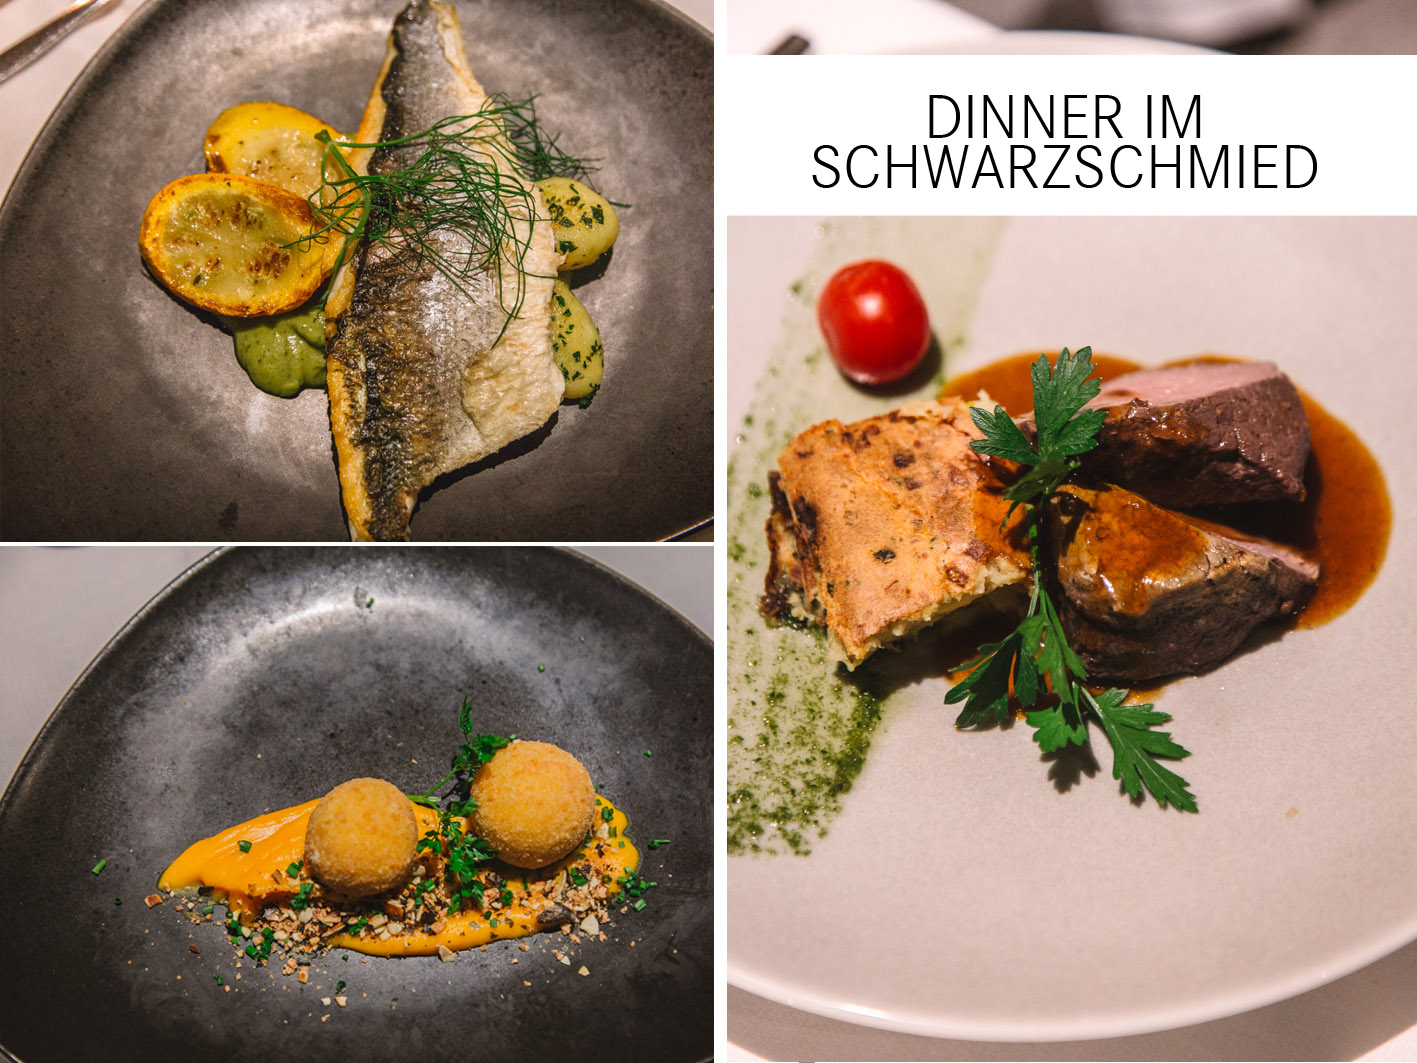 Dinner im Hotel Schwarzschmied in Südtirol